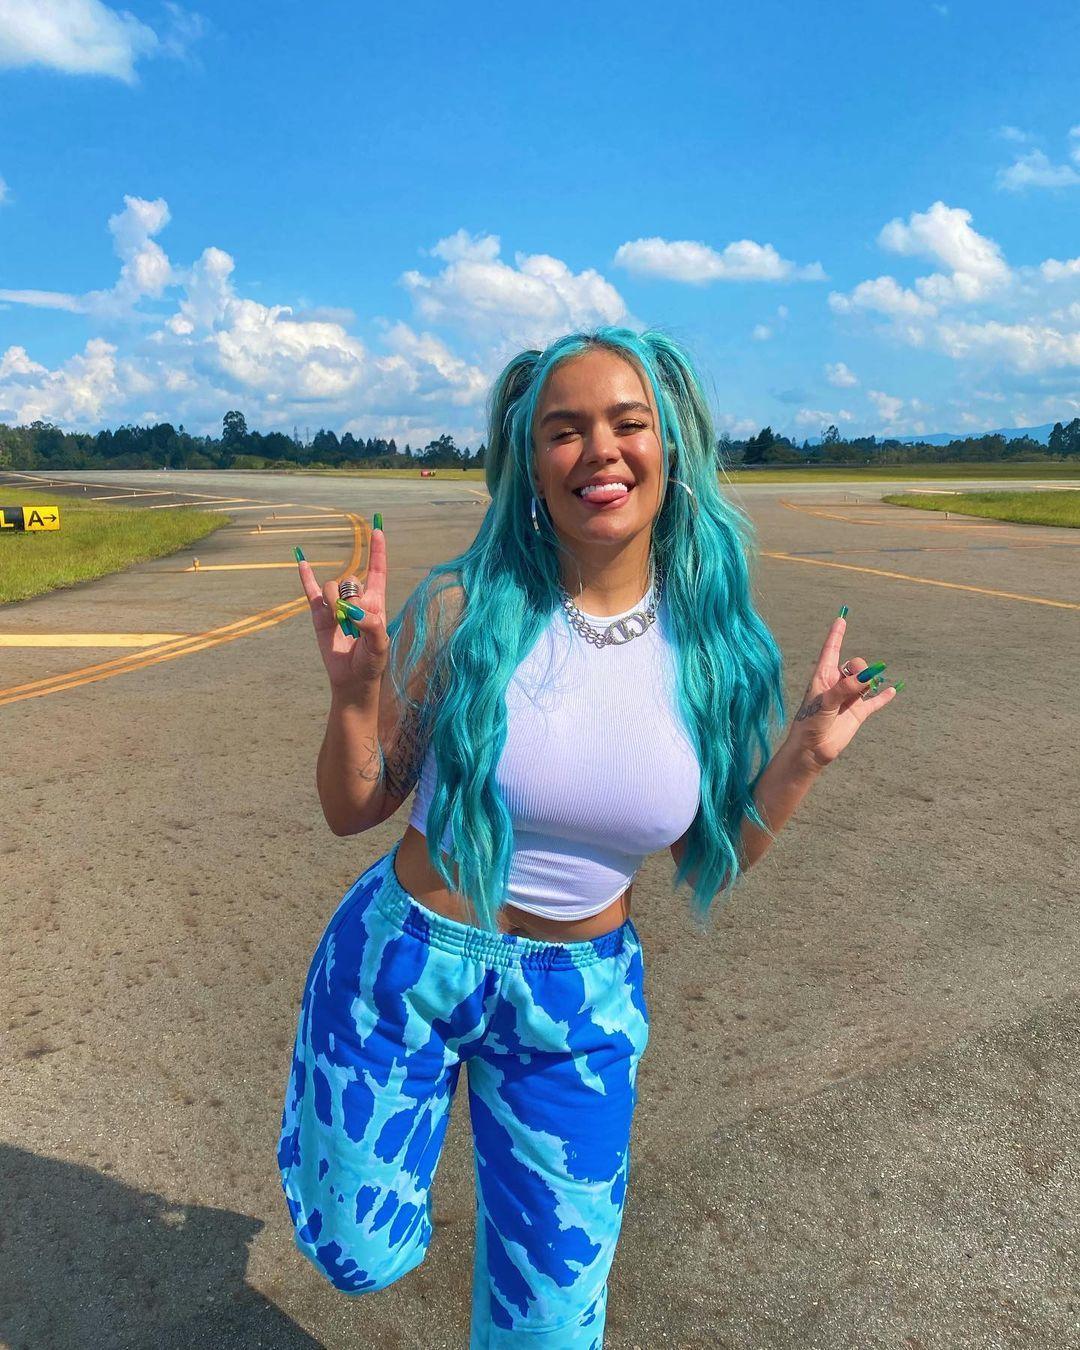 'Icy Blue', el color de pelo más 'cool' que vas a ver en TikTok este verano